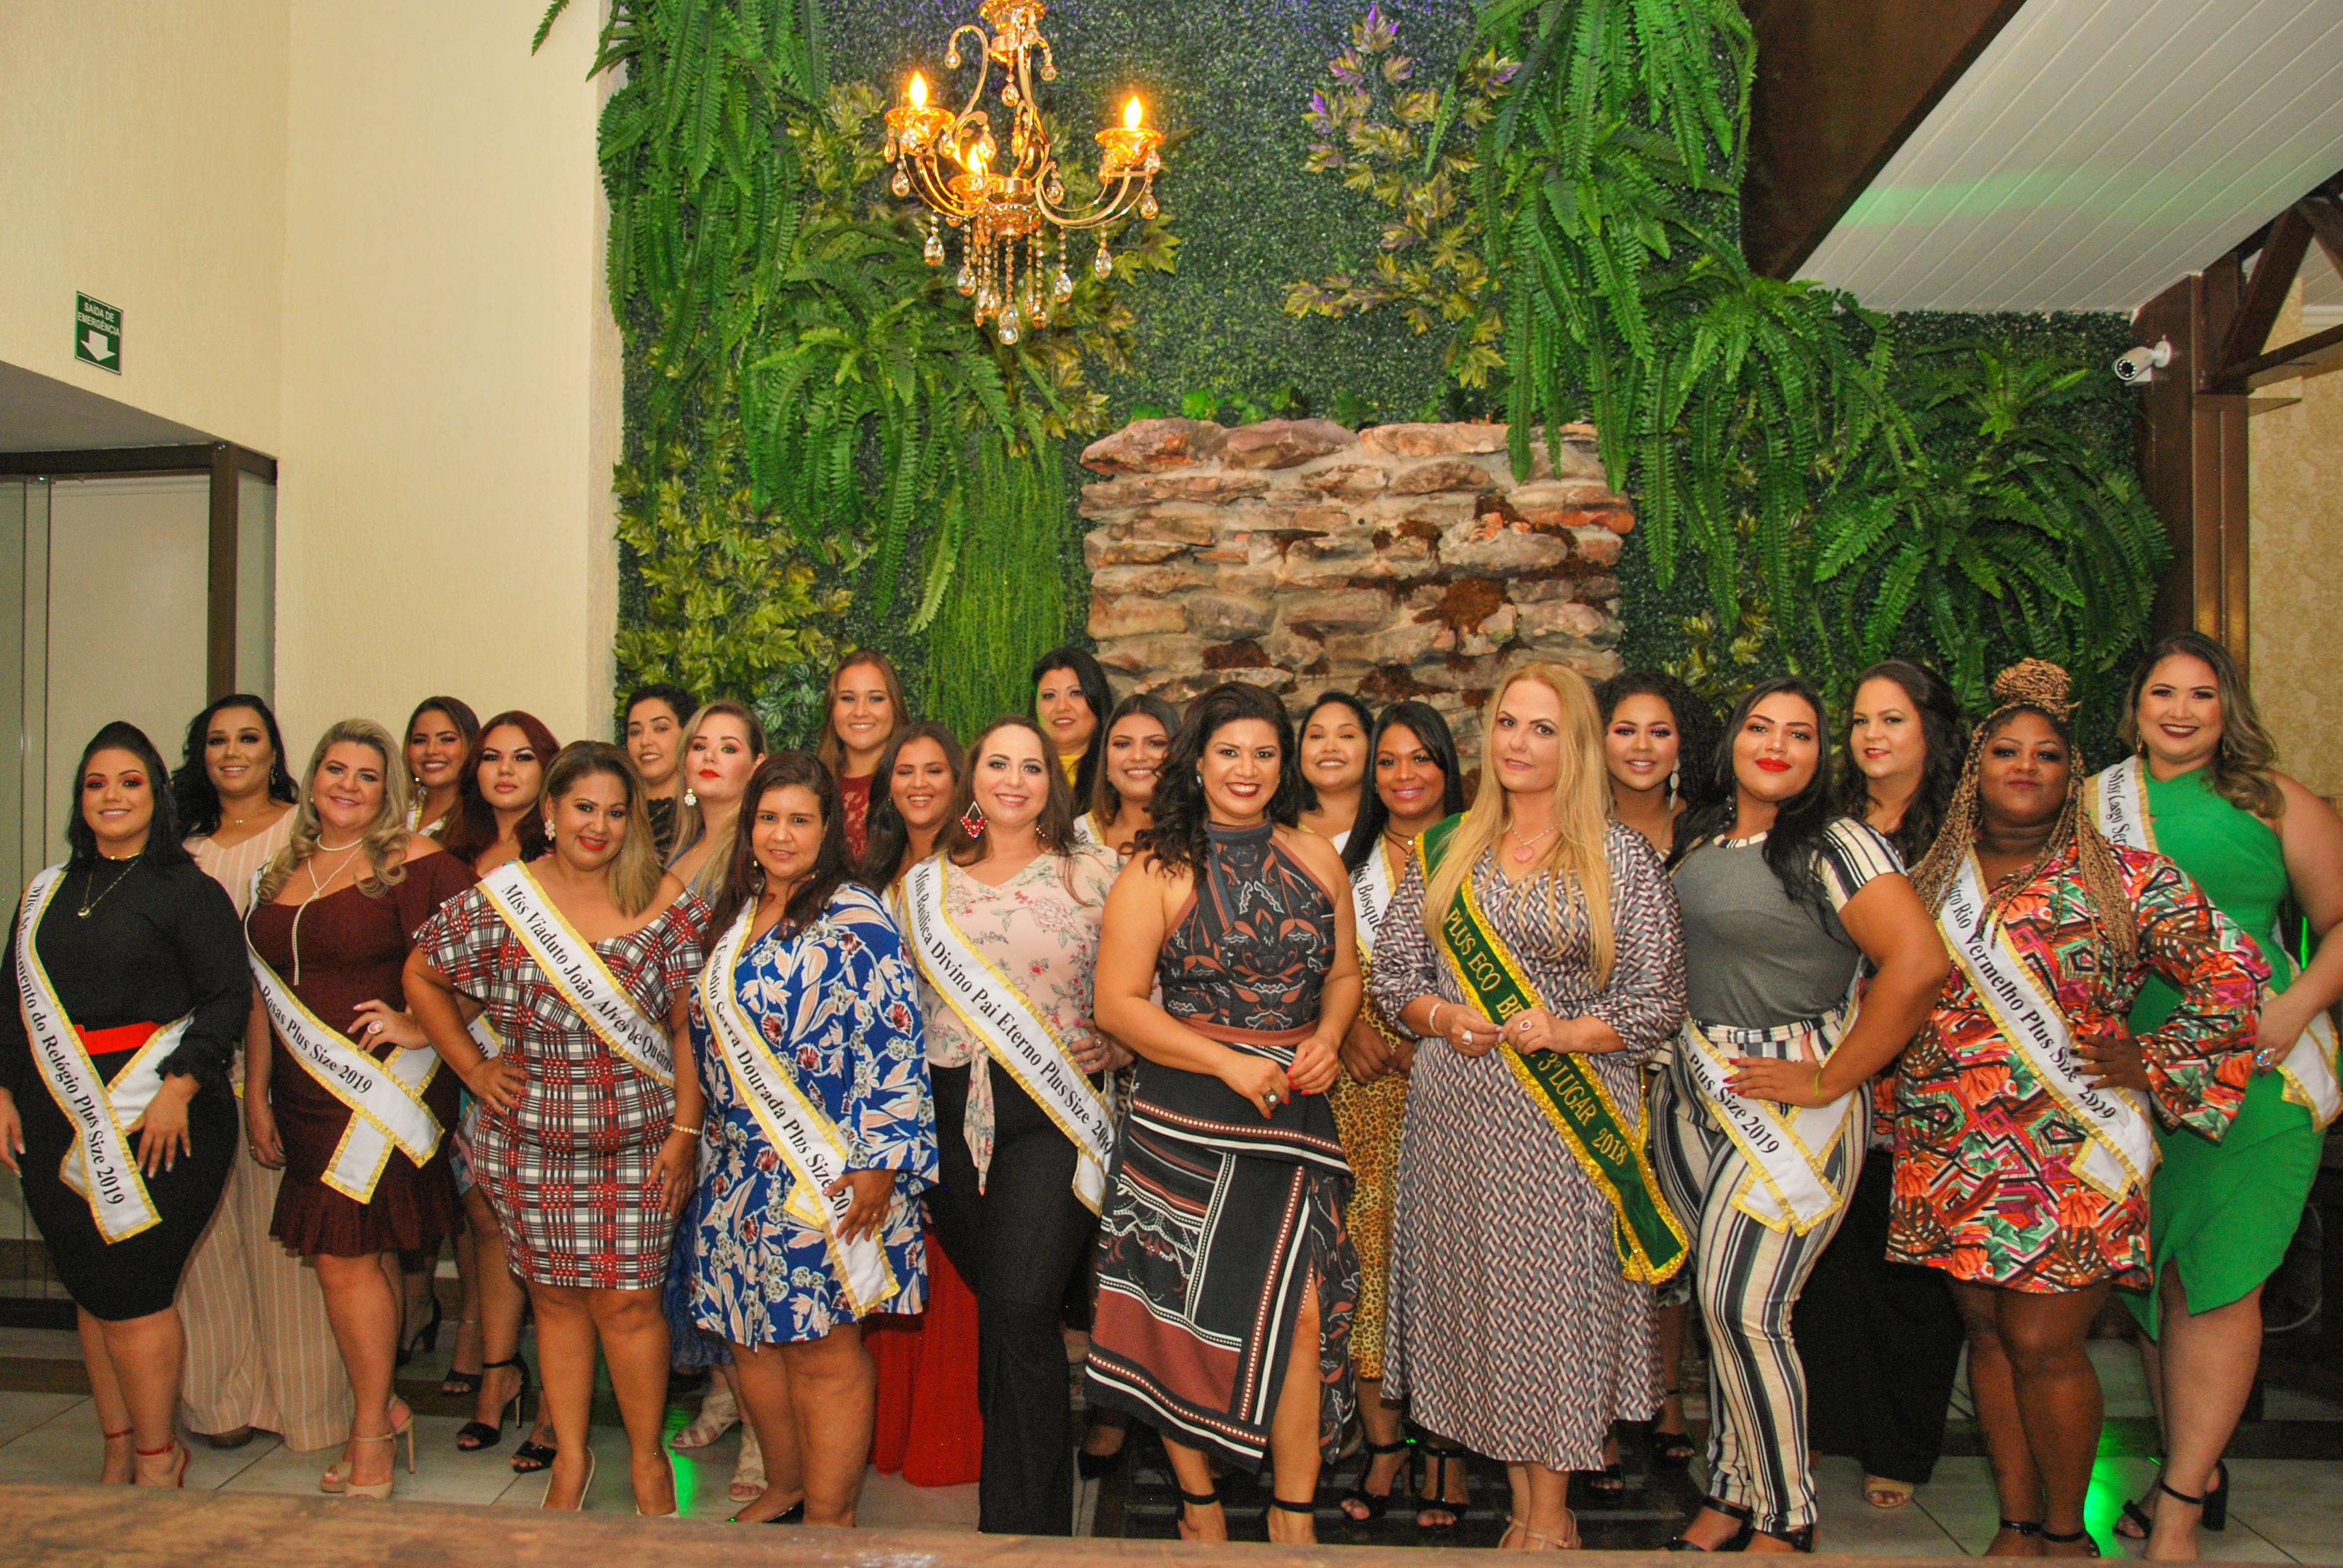 Concurso Miss Plus Eco Goiás 2019 está com inscrições abertas